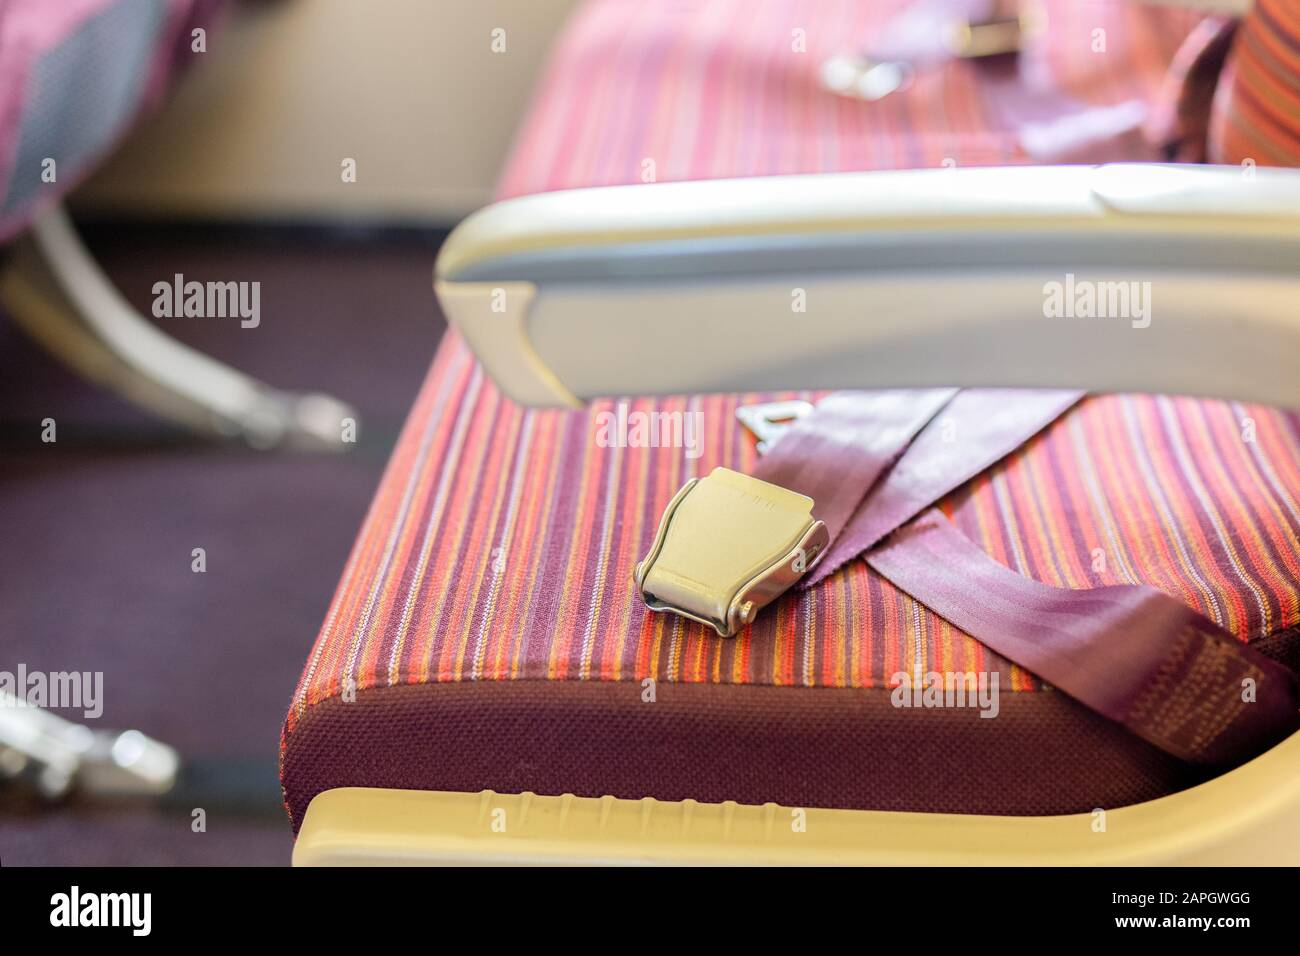 Cinturones de seguridad en el asiento del pasajero de la aeronave, concepto de seguridad de viaje. Foto de stock